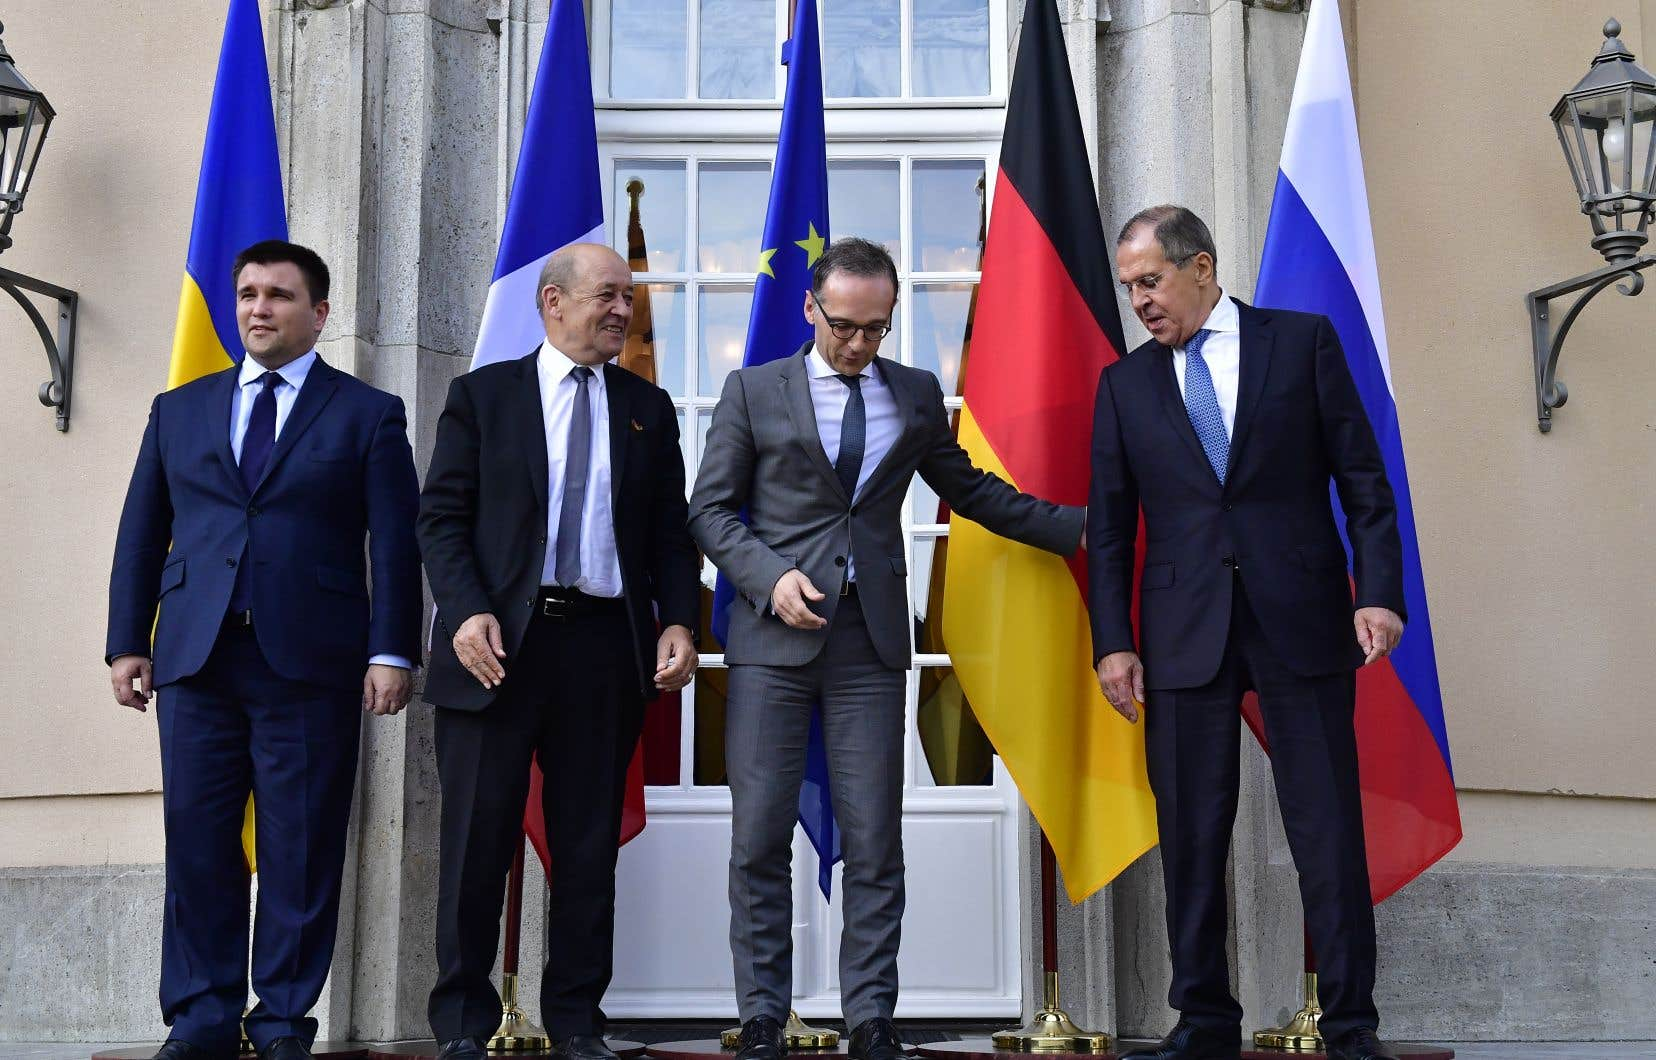 Russes et Ukrainiens se sont réengagés en faveur d'un cessez-le-feu, ce lundi à Berlin.